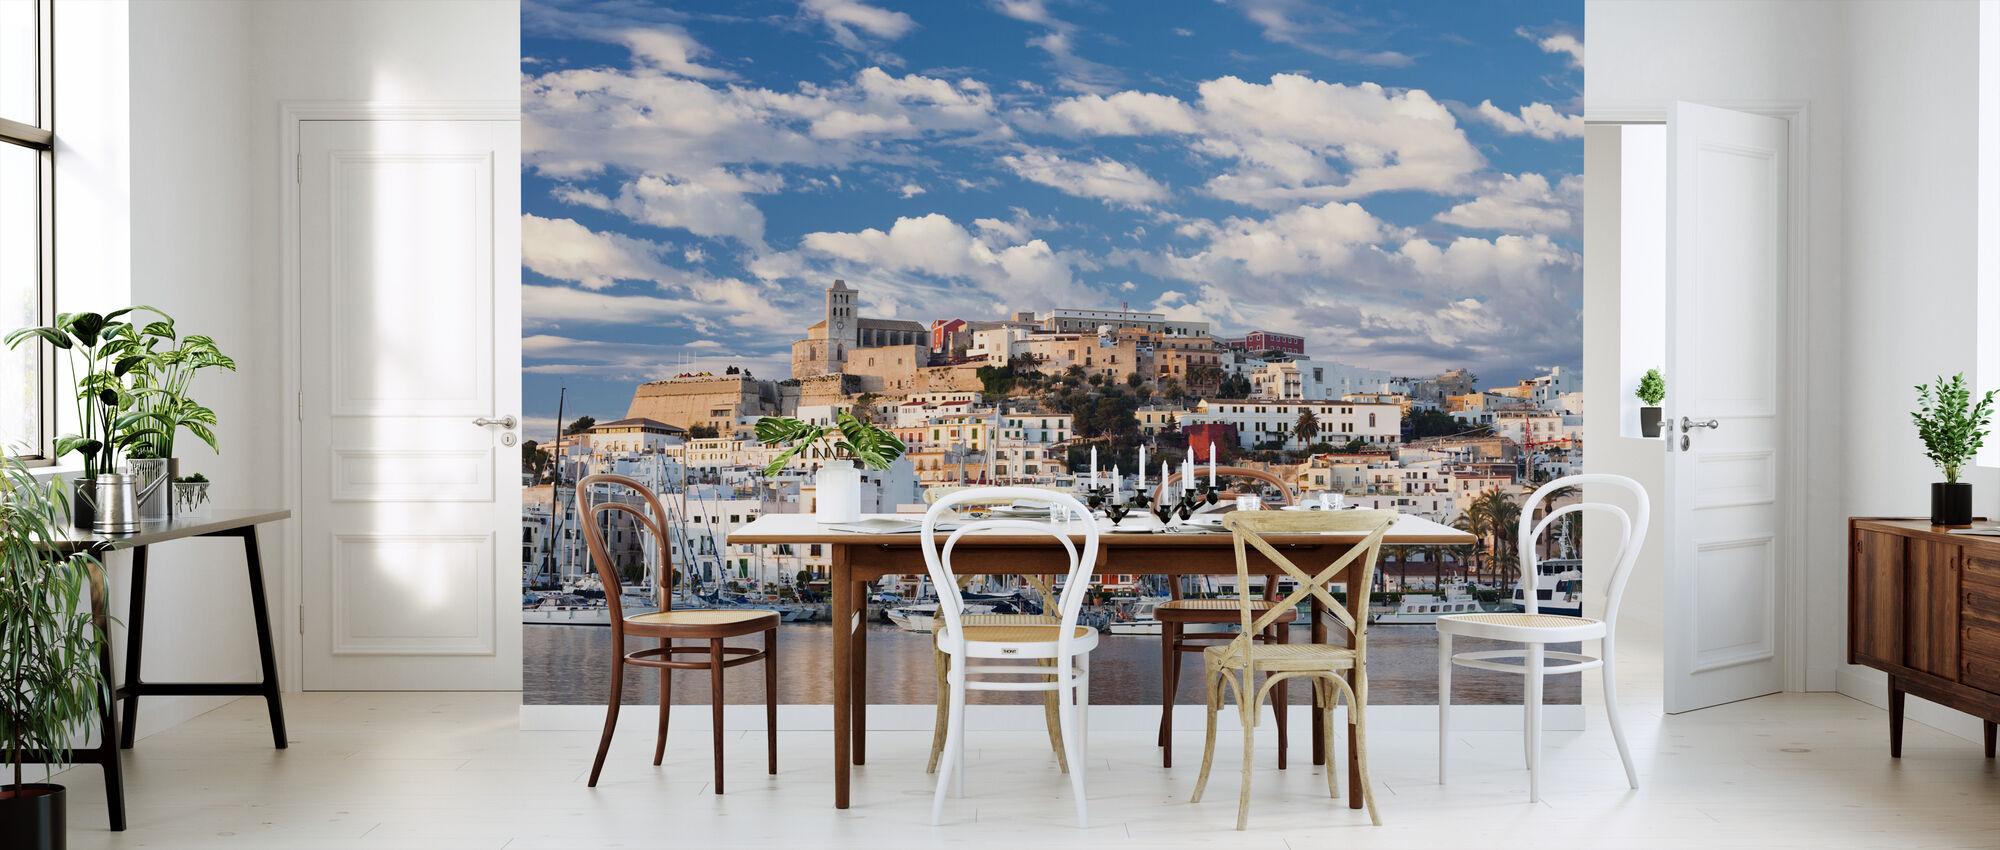 Ibiza Town - Wallpaper - Kitchen